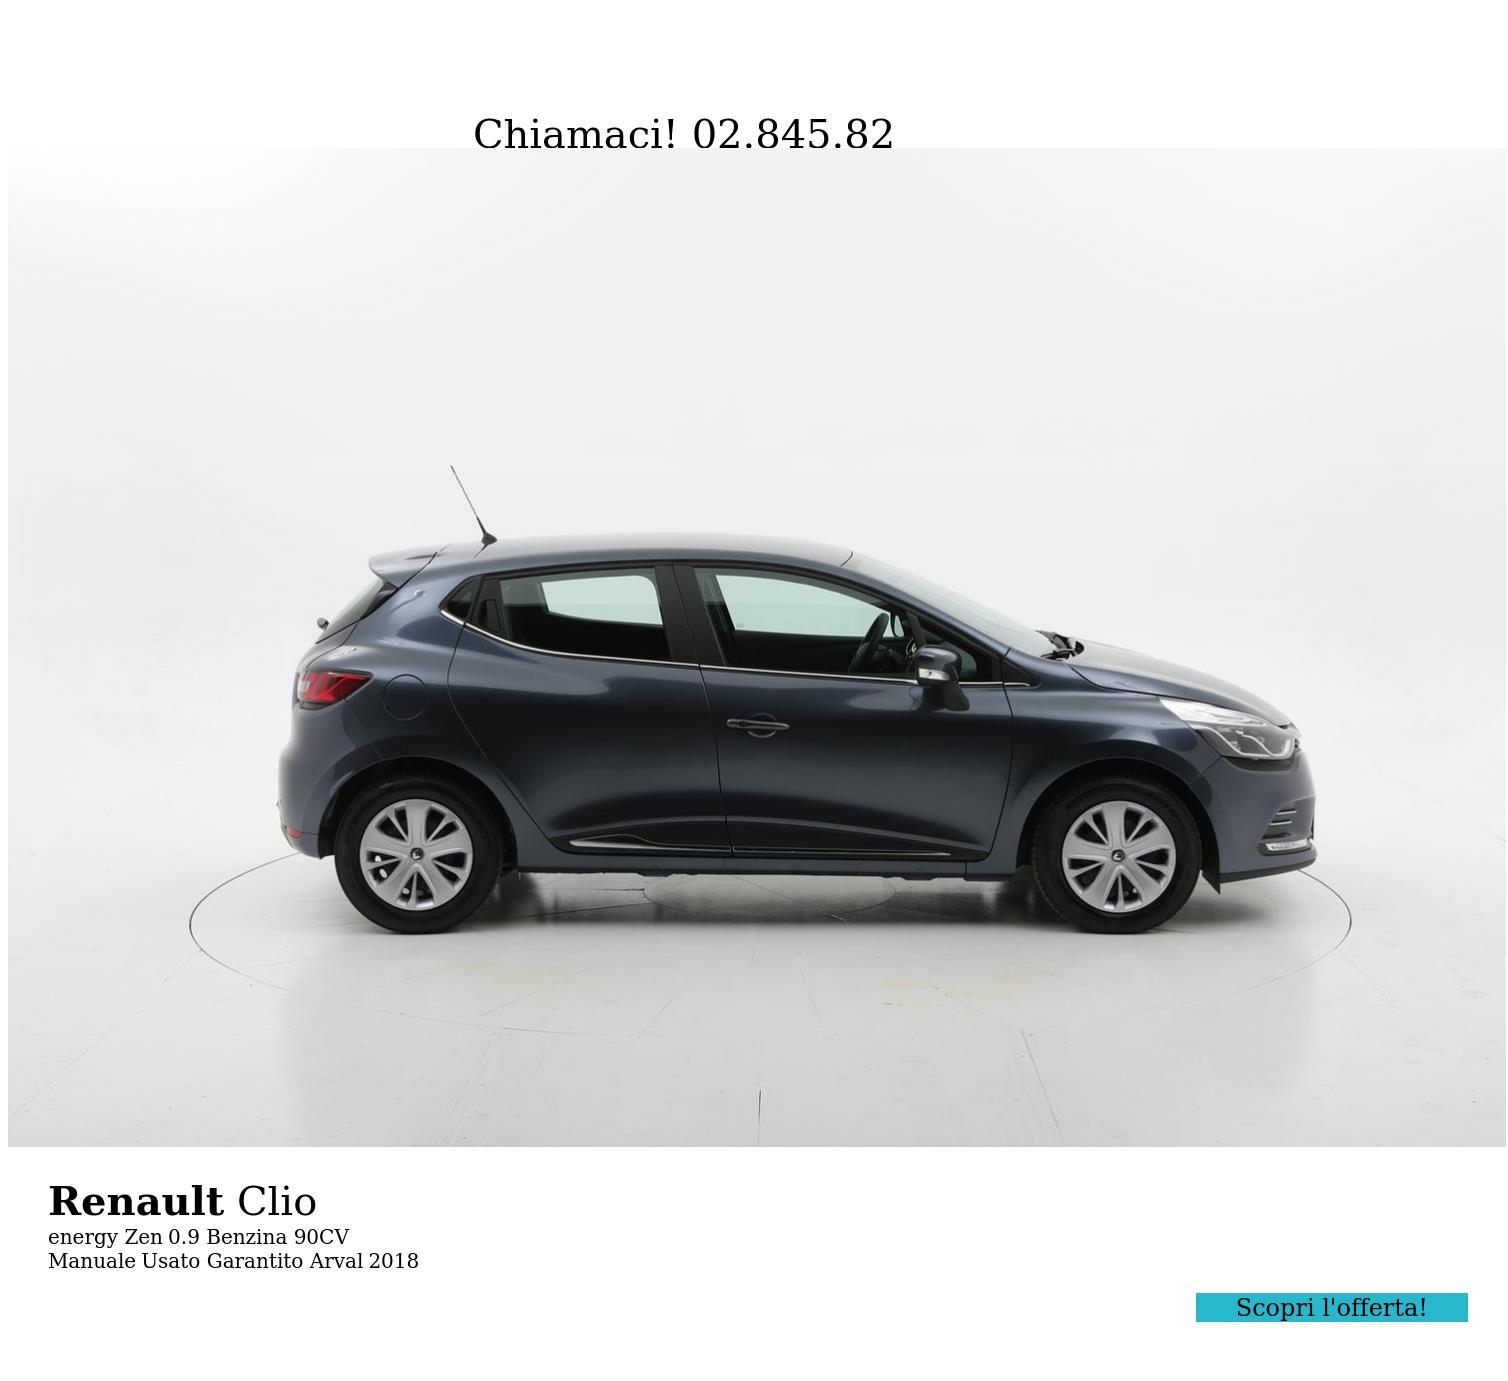 Renault Clio energy Zen km 0 benzina antracite | brumbrum